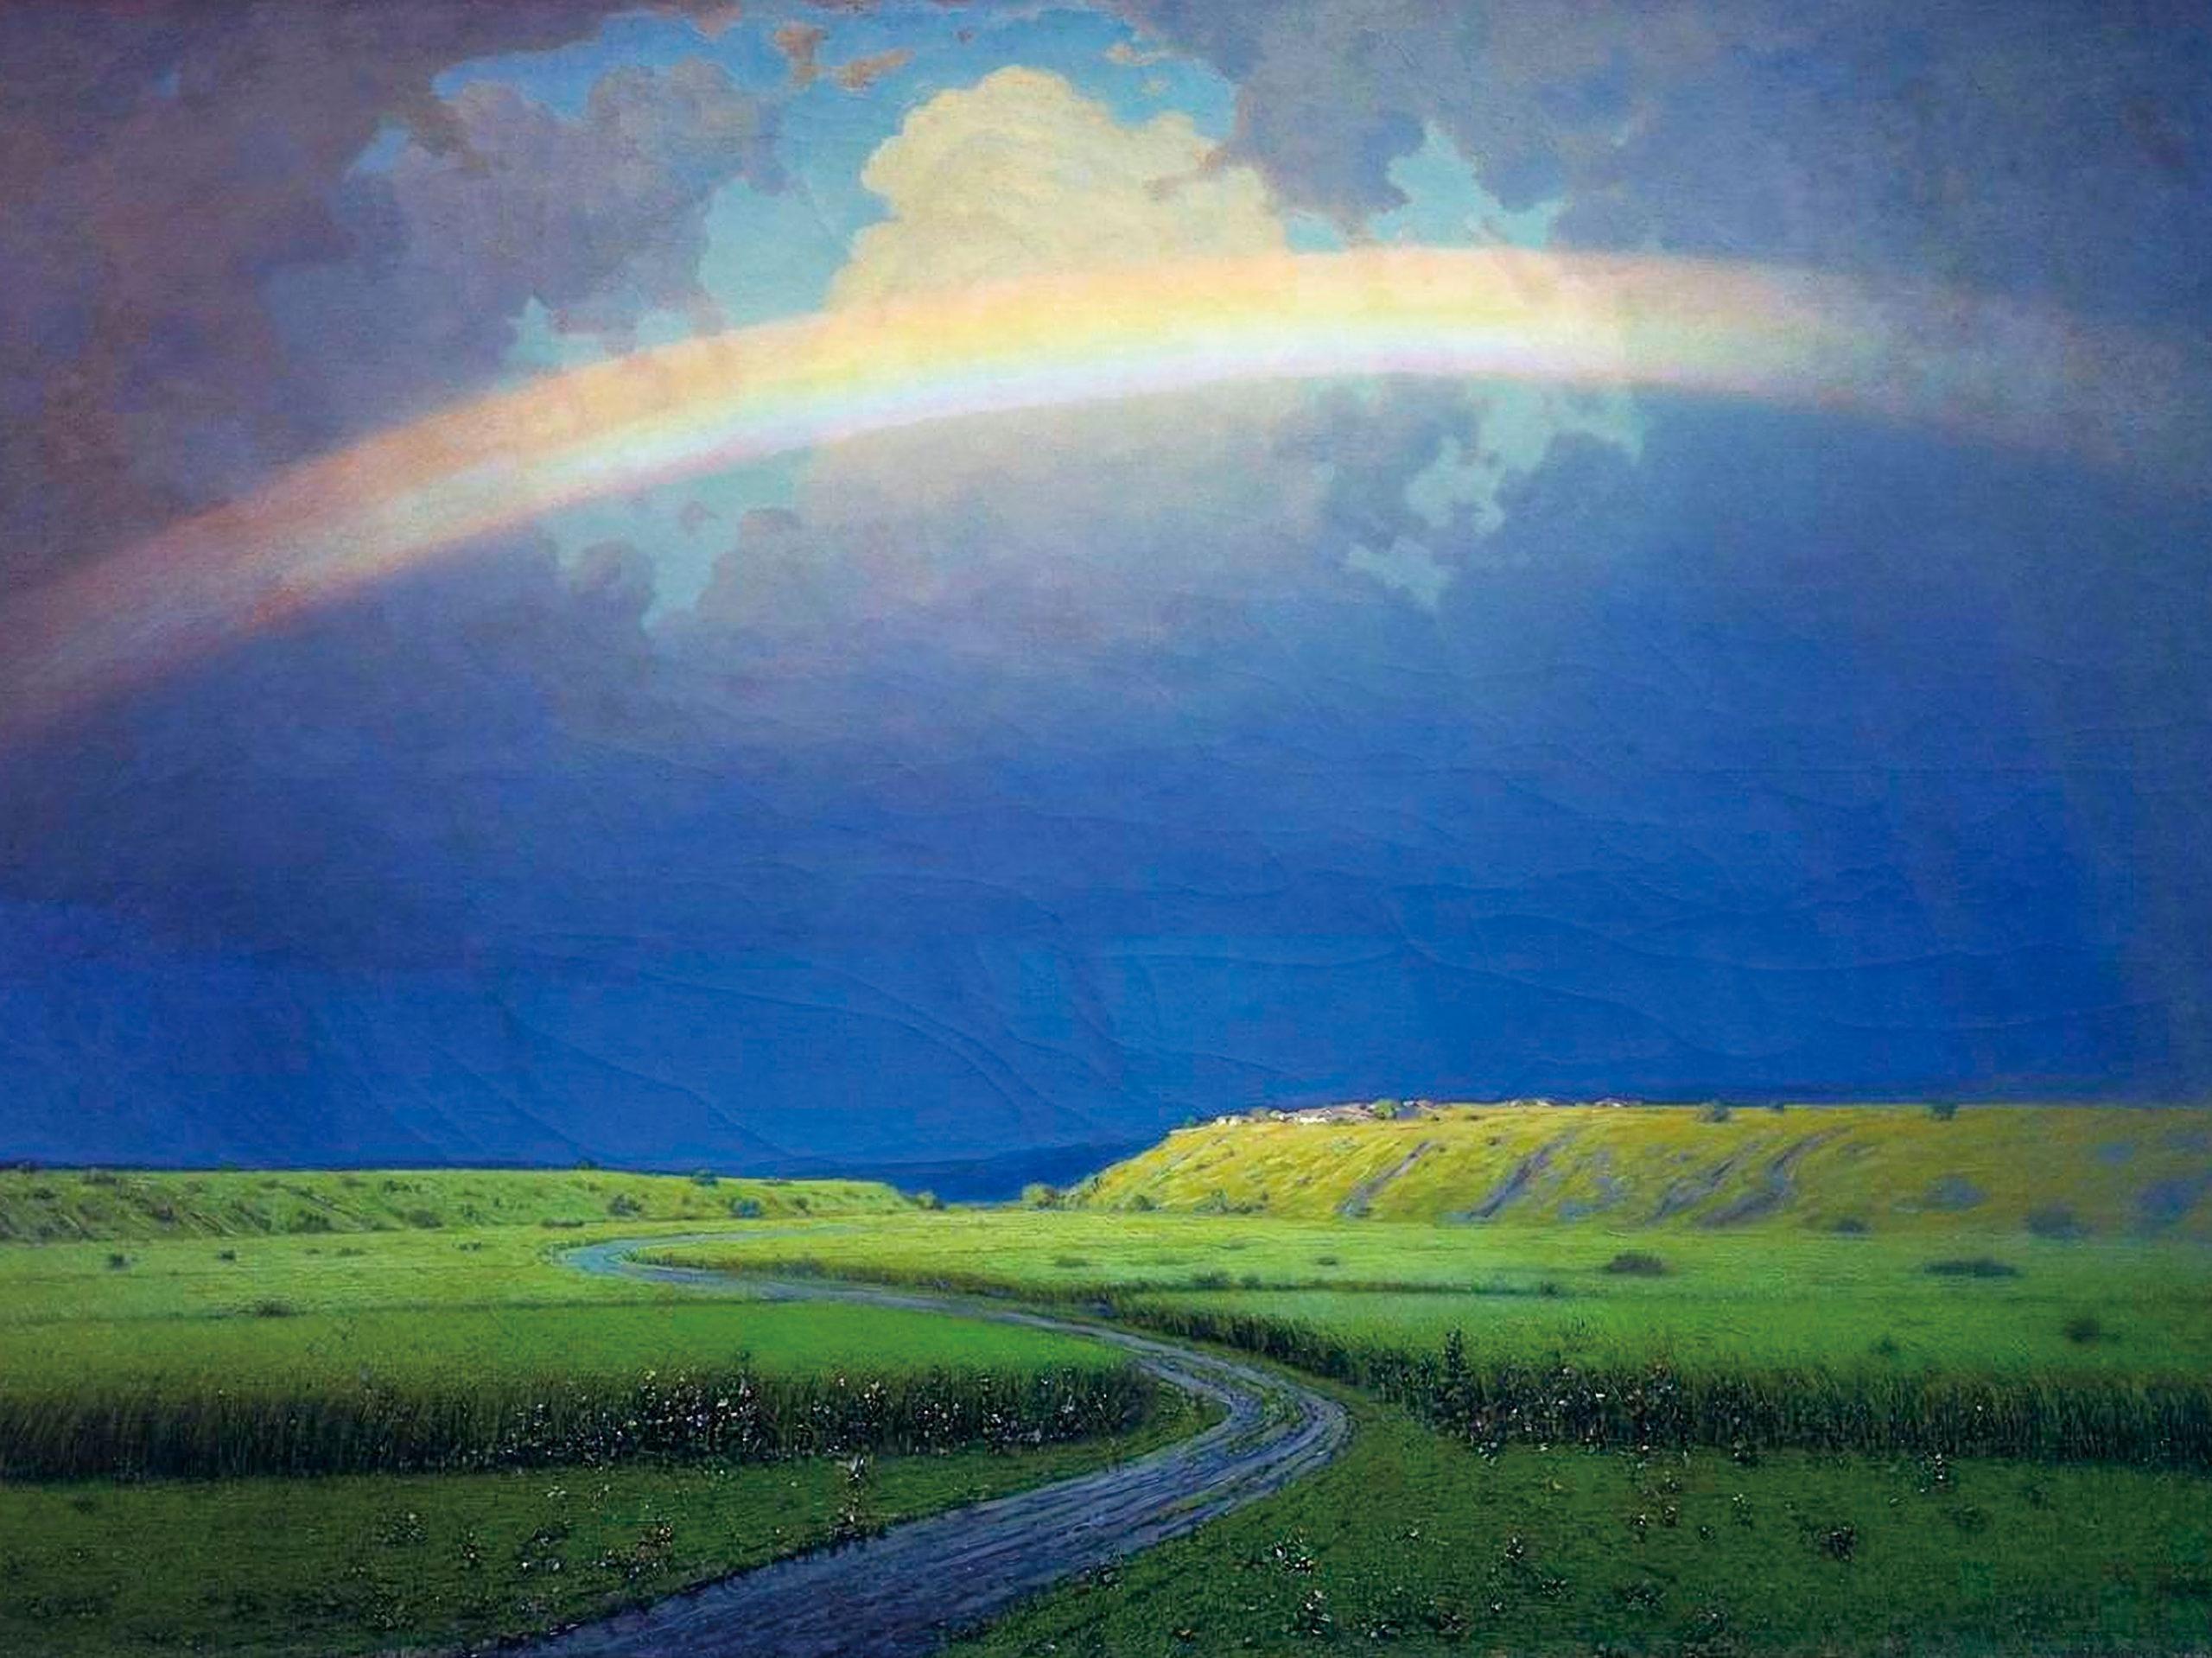 Arkhip Kuindzhi - Rainbow 2732x2048